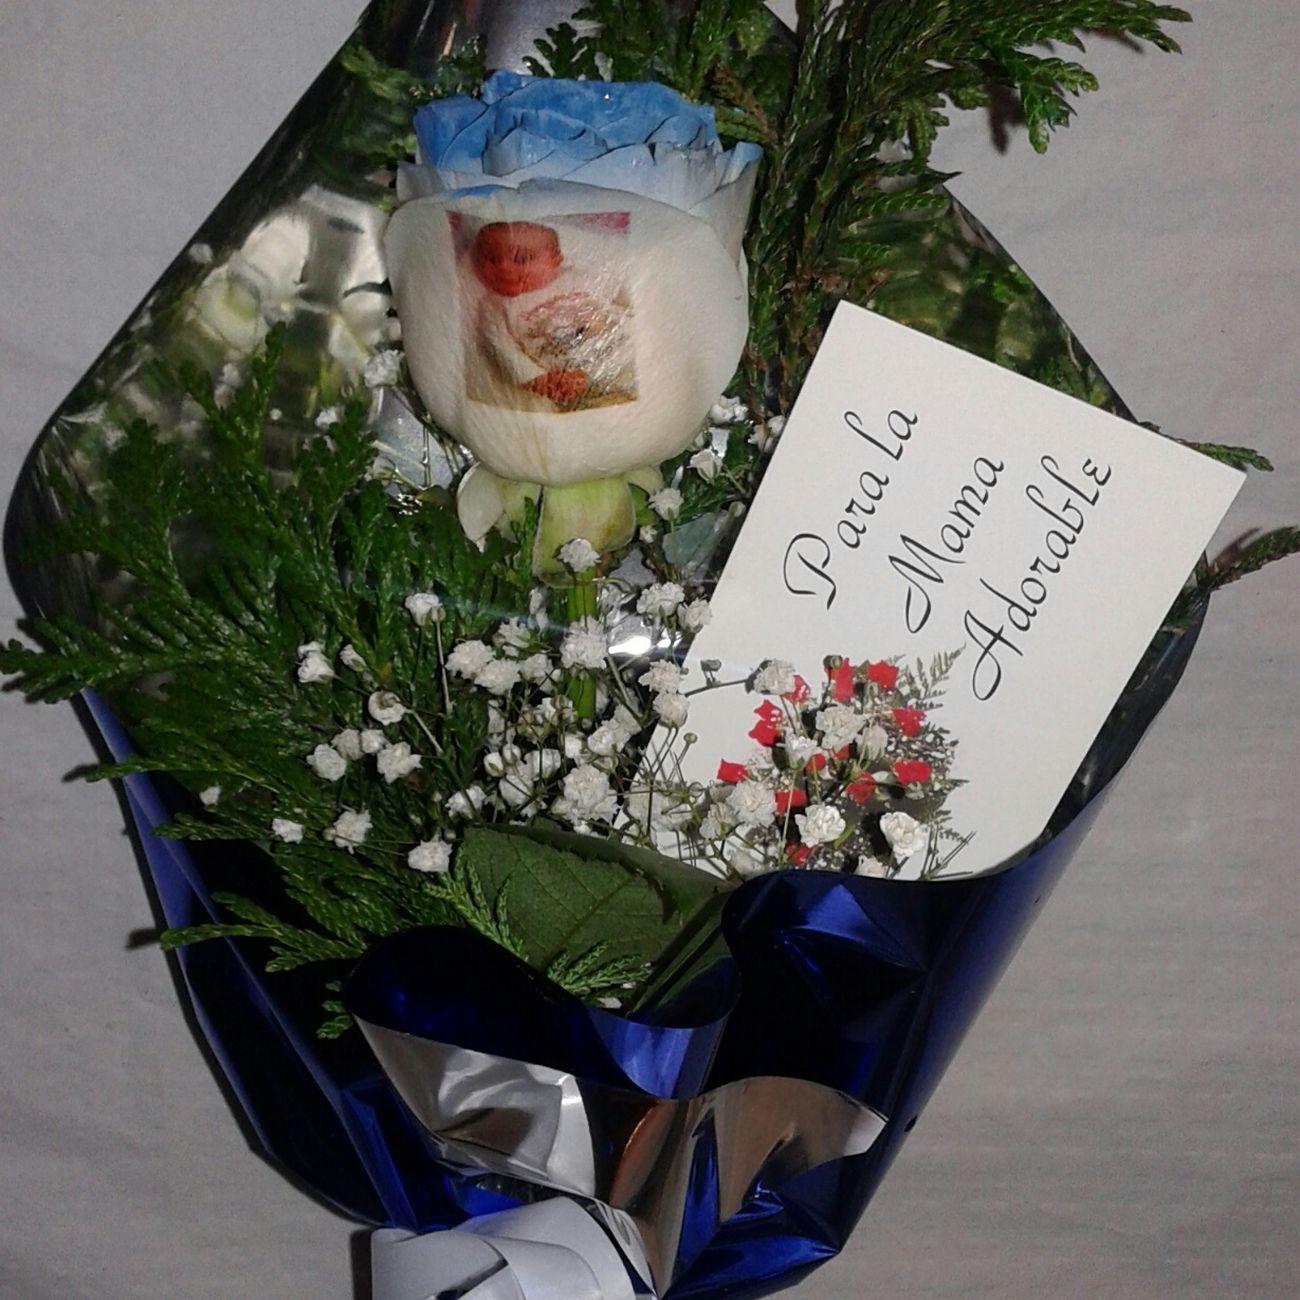 Rosa natural con los filos de los petalos en azul y un bebe tatuado en el petalo Rosas Azules Flowers Blue Rose Regalo De Aniversario RegaloDeCumpleaños Regalodemama Regalo Especial Cumpleaños♥ Rosas Bonitas❤️🌹 Rosas De San Jordi Porfin Una Azul